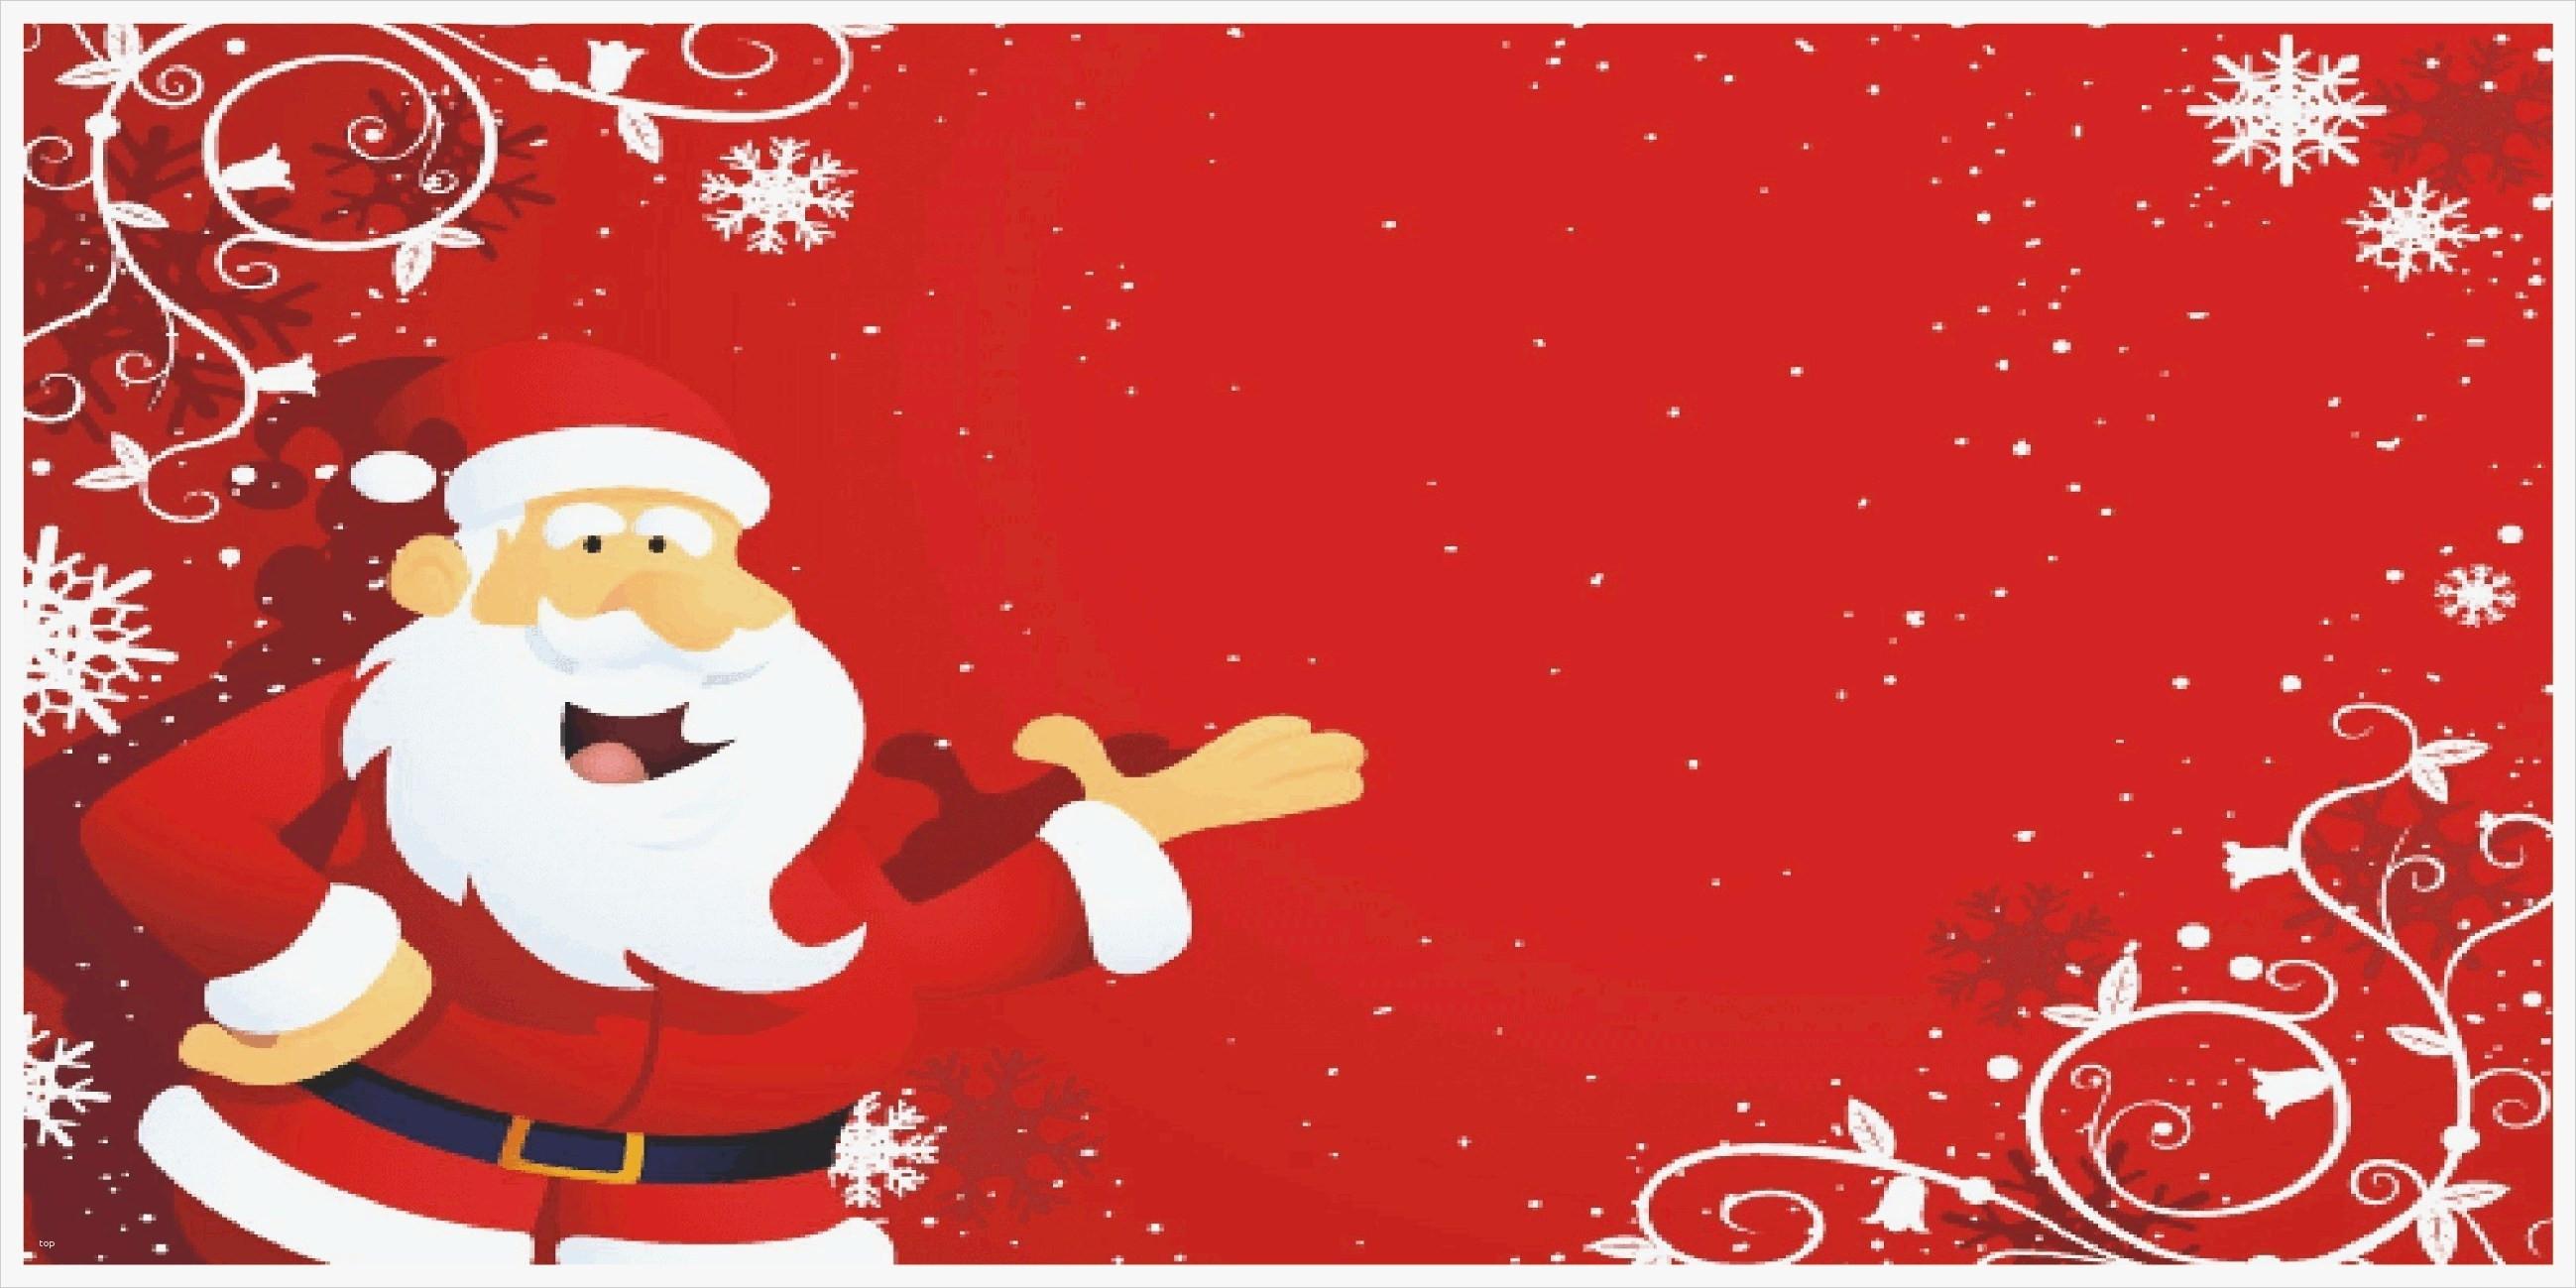 Bilder Weihnachten Kostenlos Zum Ausdrucken Einzigartig Kostenlos Gutschein Vorlagen Muster Bilder